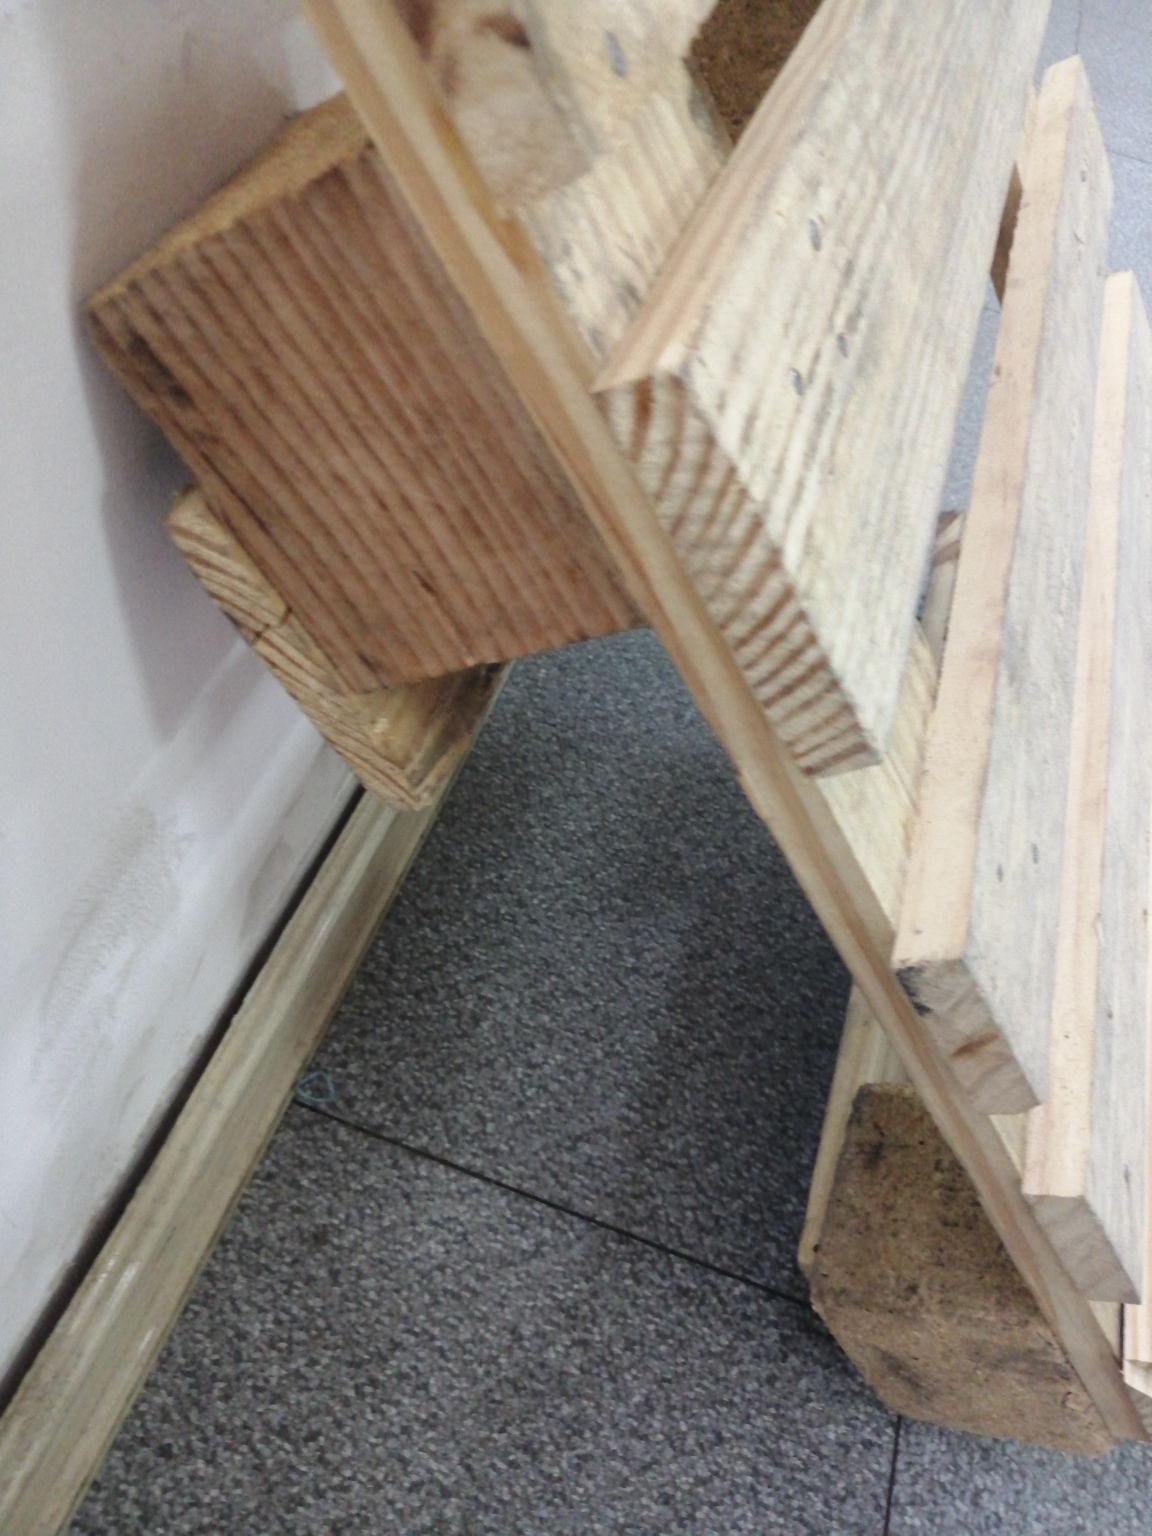 镇江附近杨木托盘用量大的话可以采取紧凑型的托盘